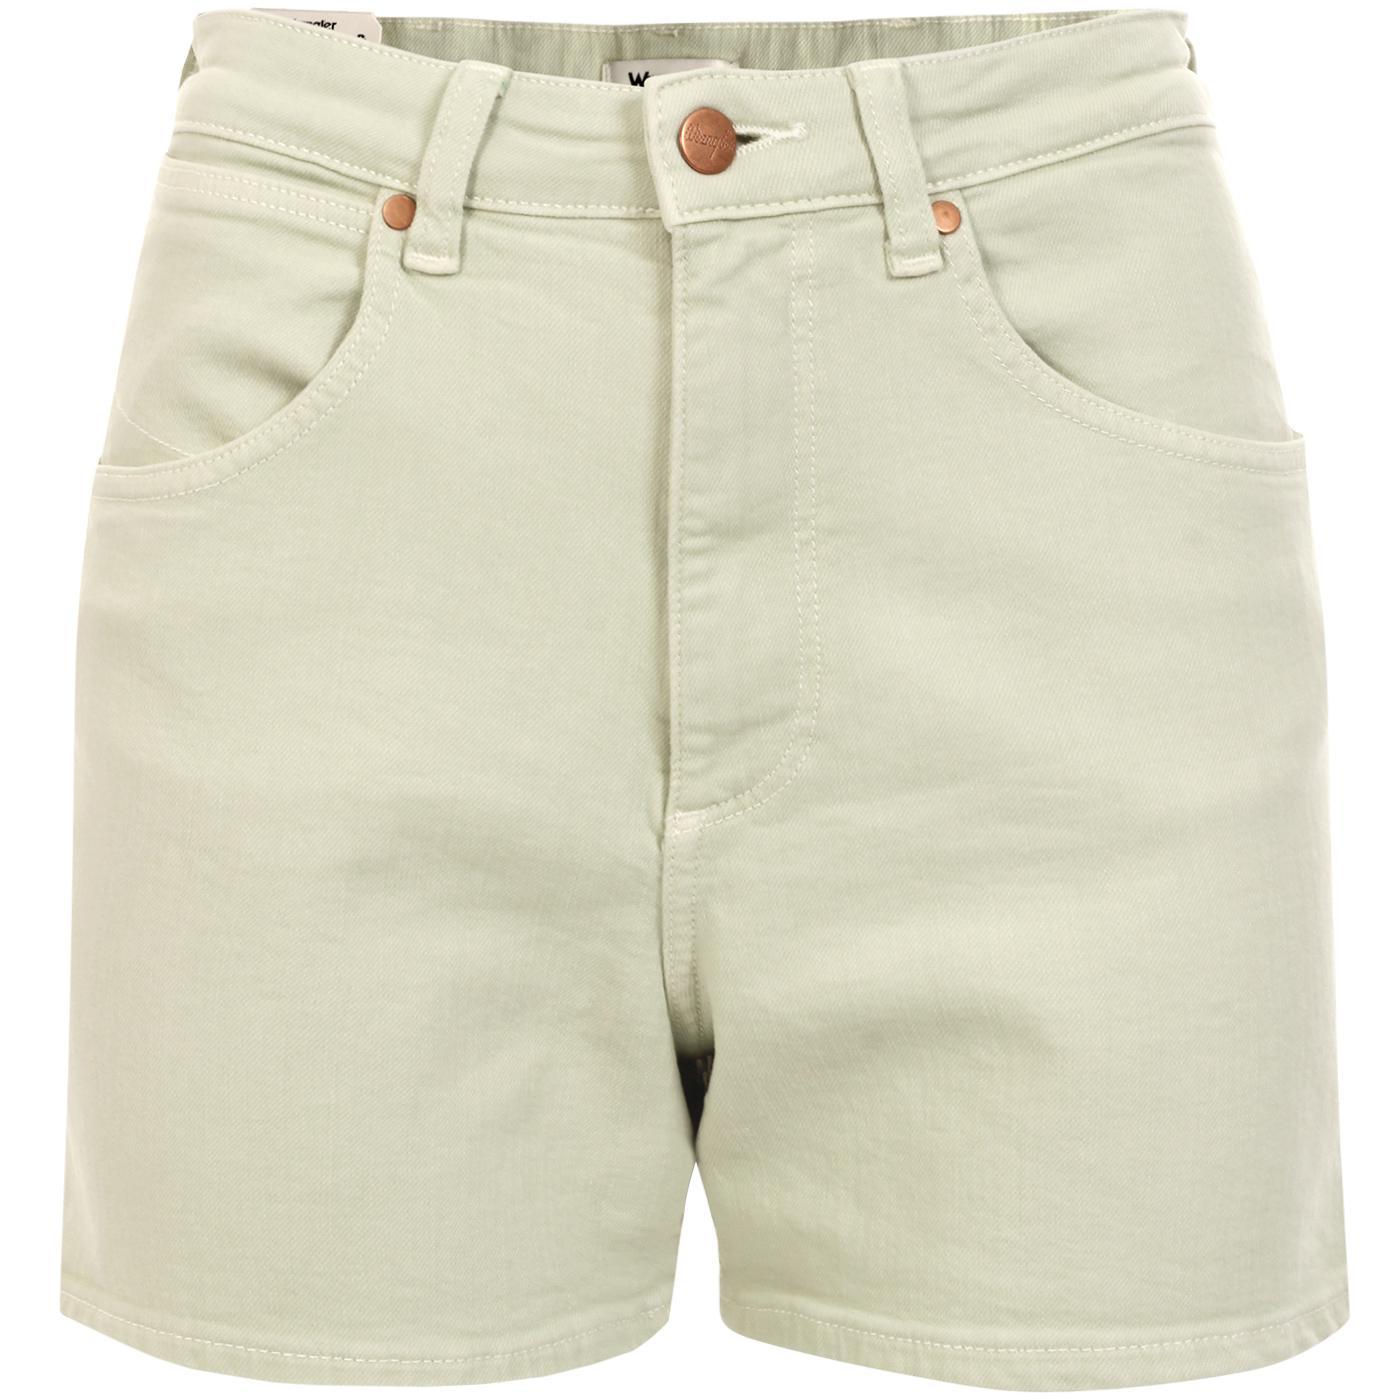 WRANGLER Women's Retro Mom Shorts APPLE GREEN